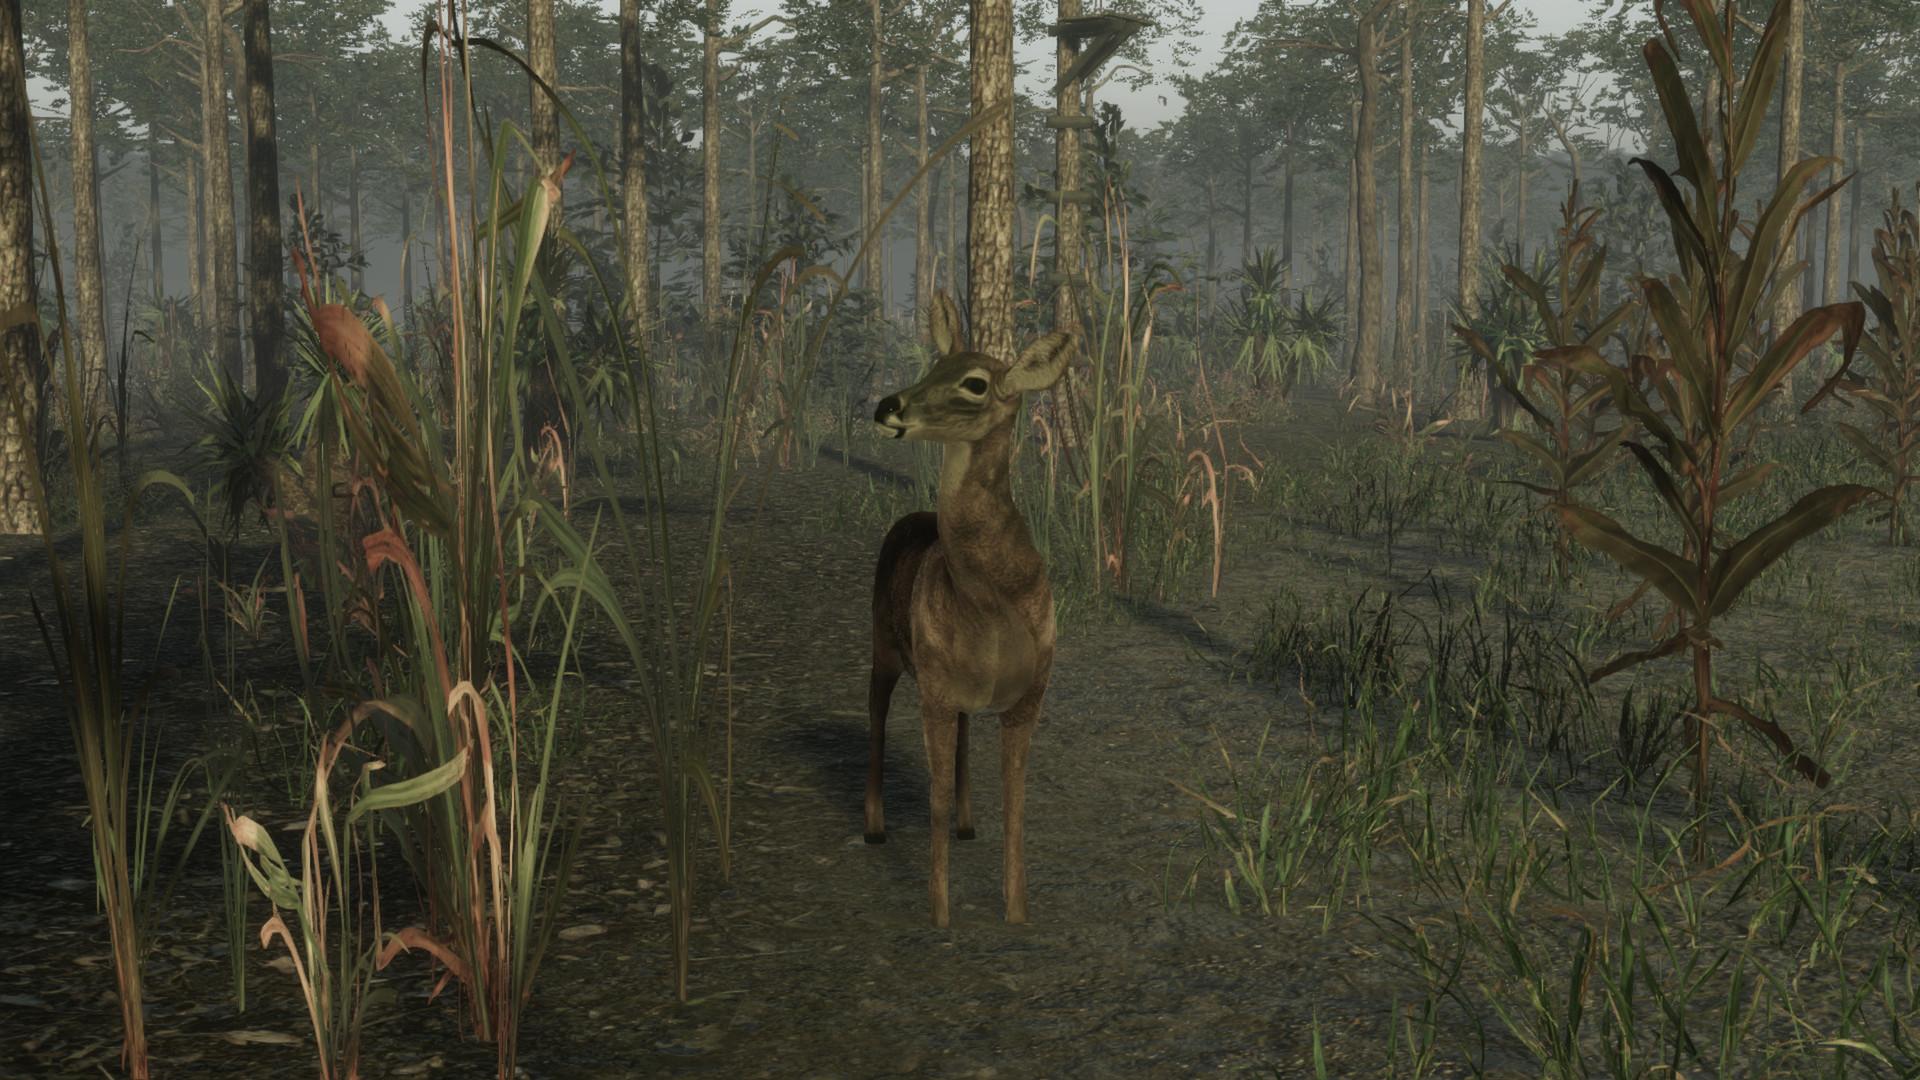 职业猎鹿人2